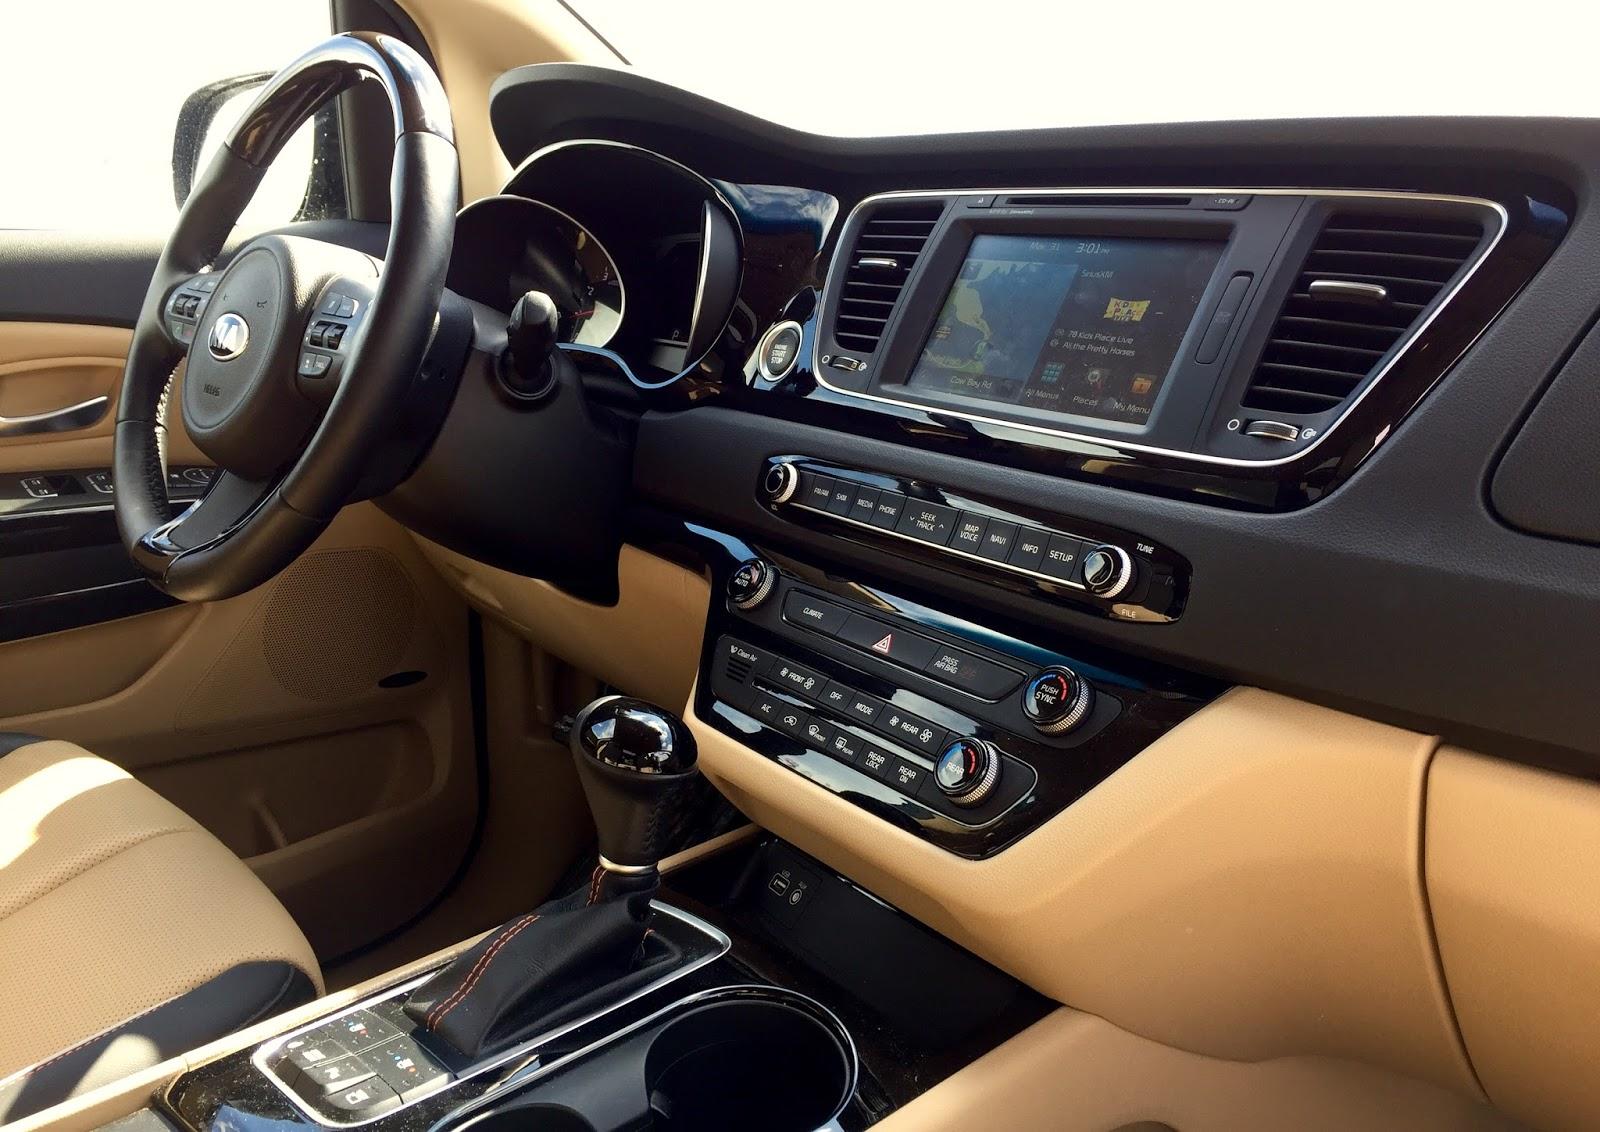 2015 Kia Sedona SXL+ interior